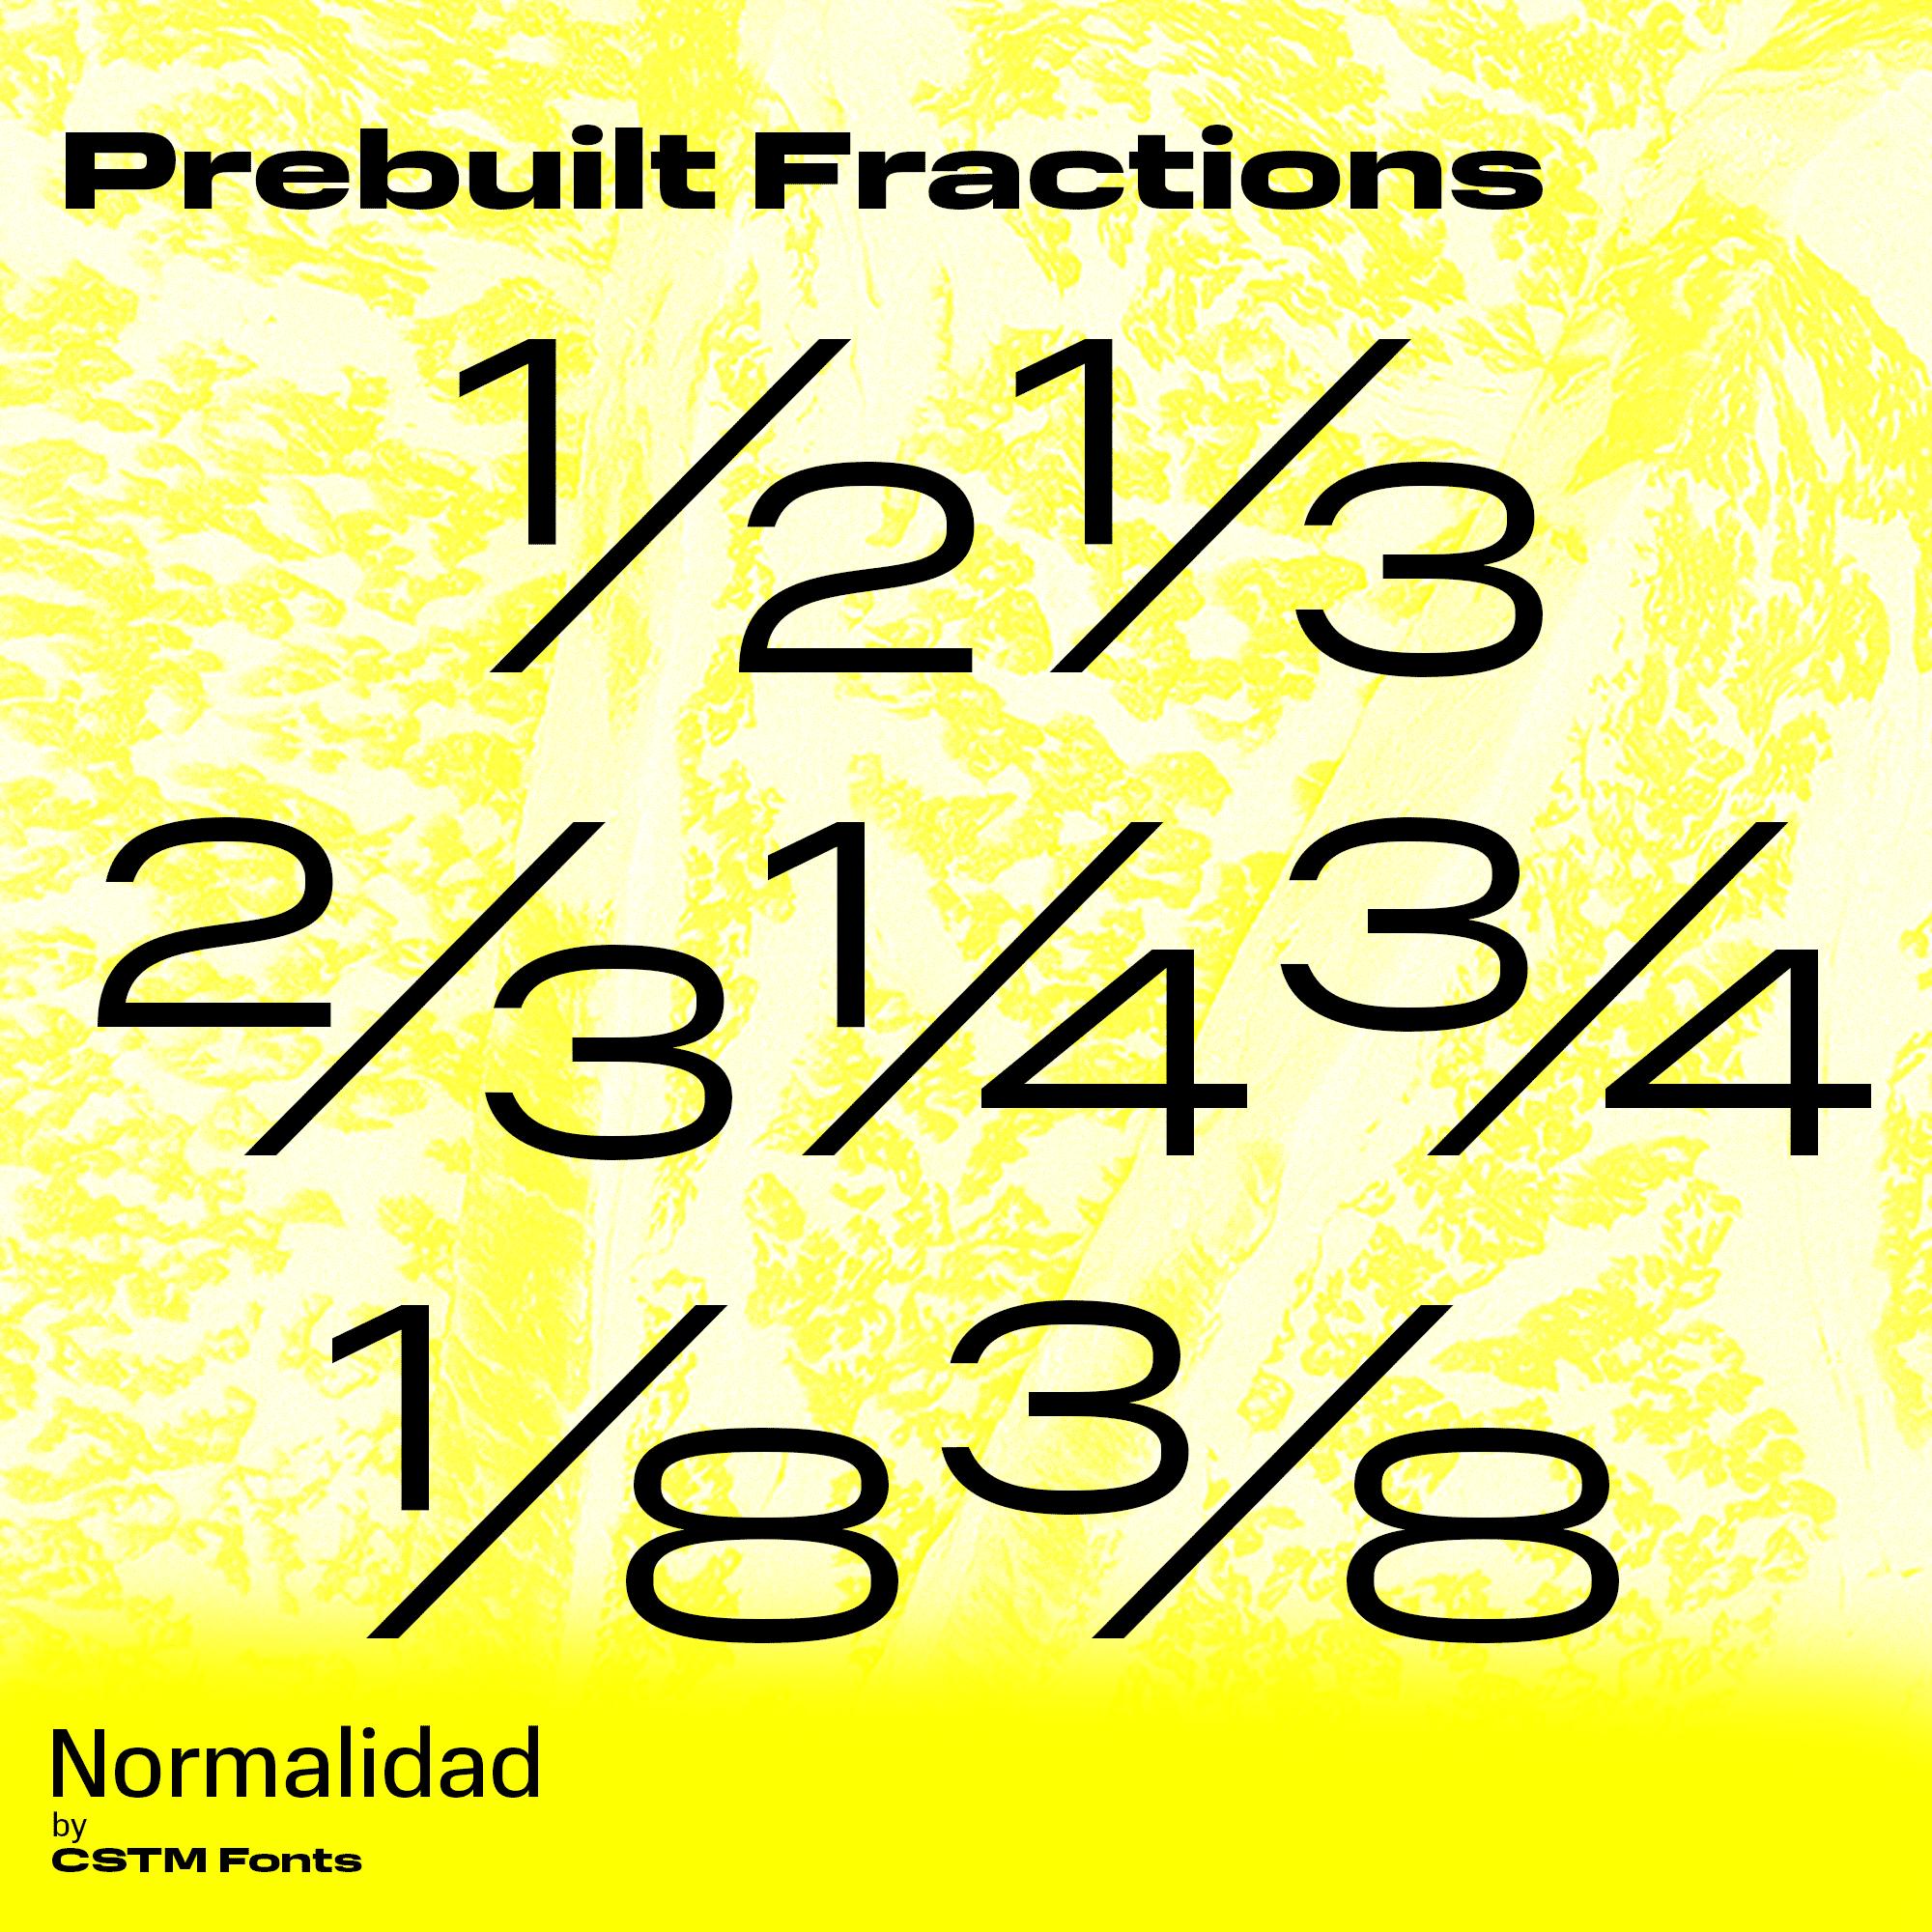 Normalidad_11